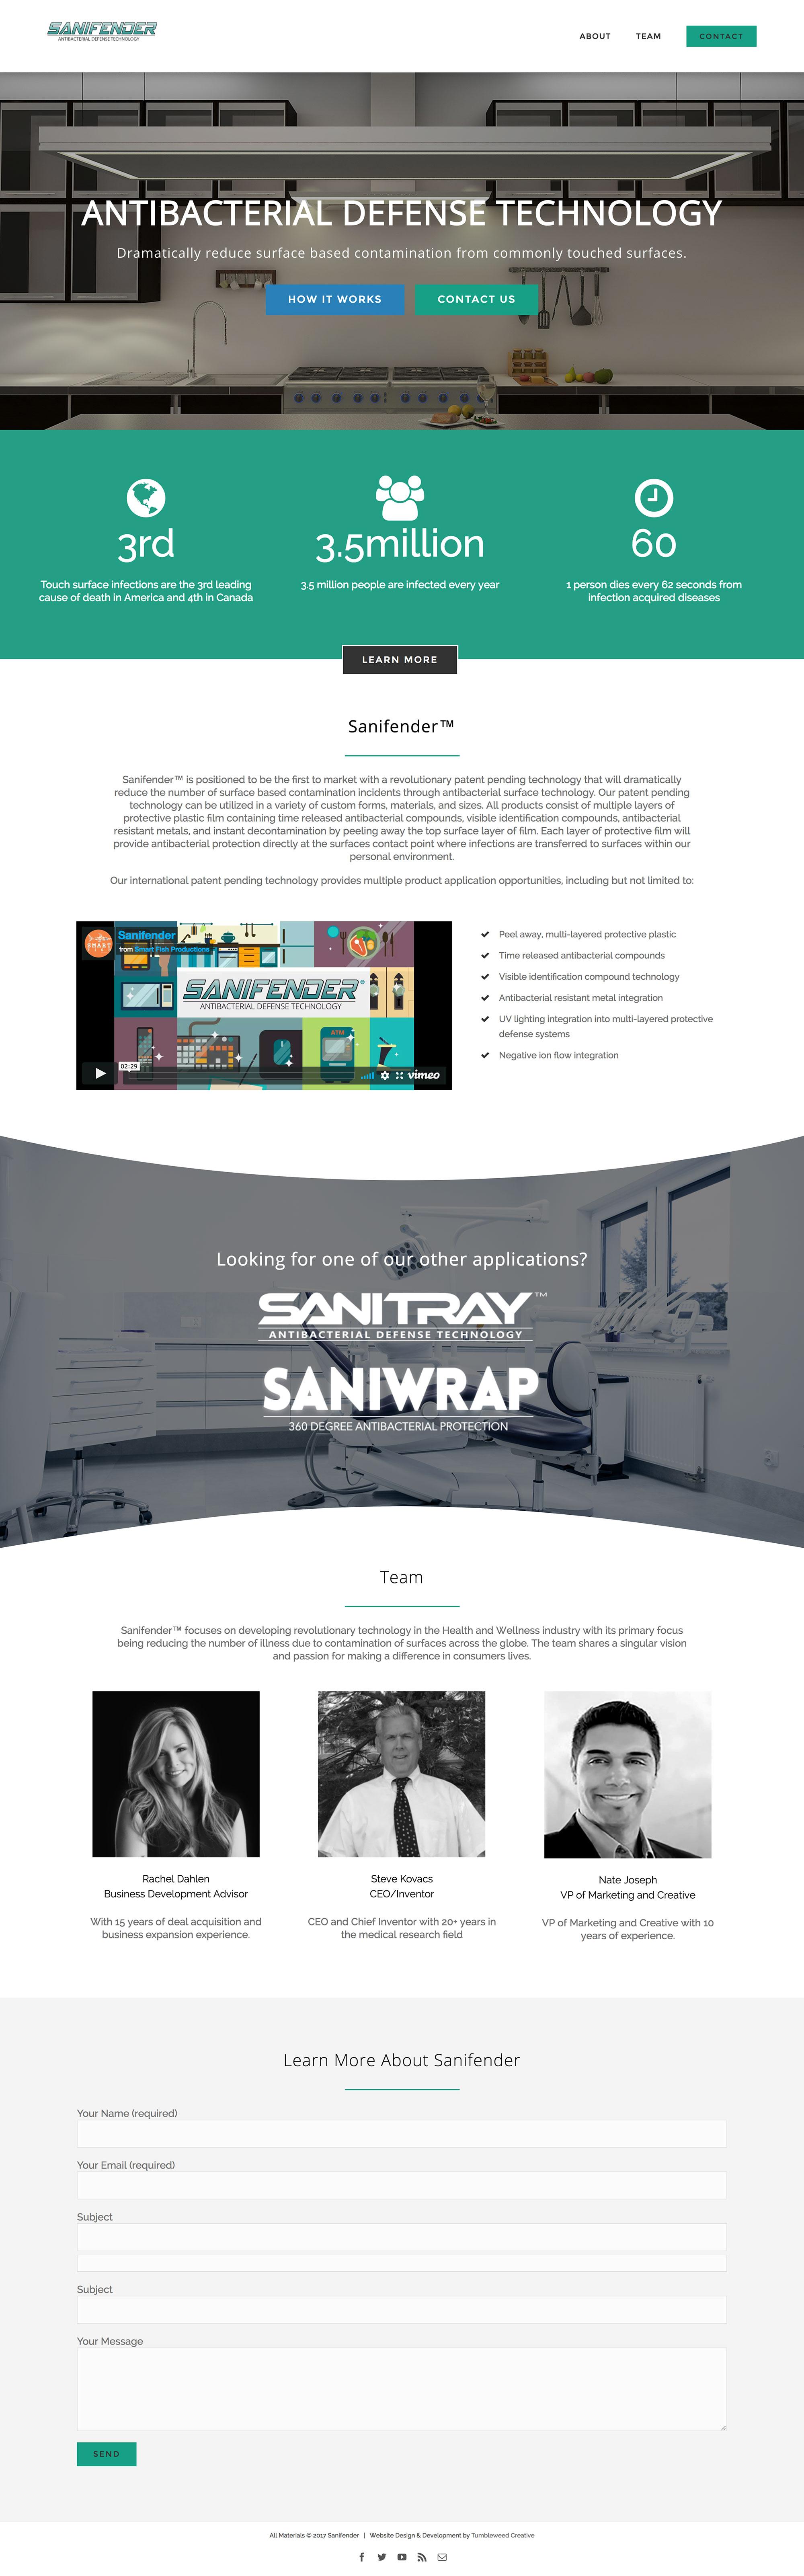 wordpress website technology industry